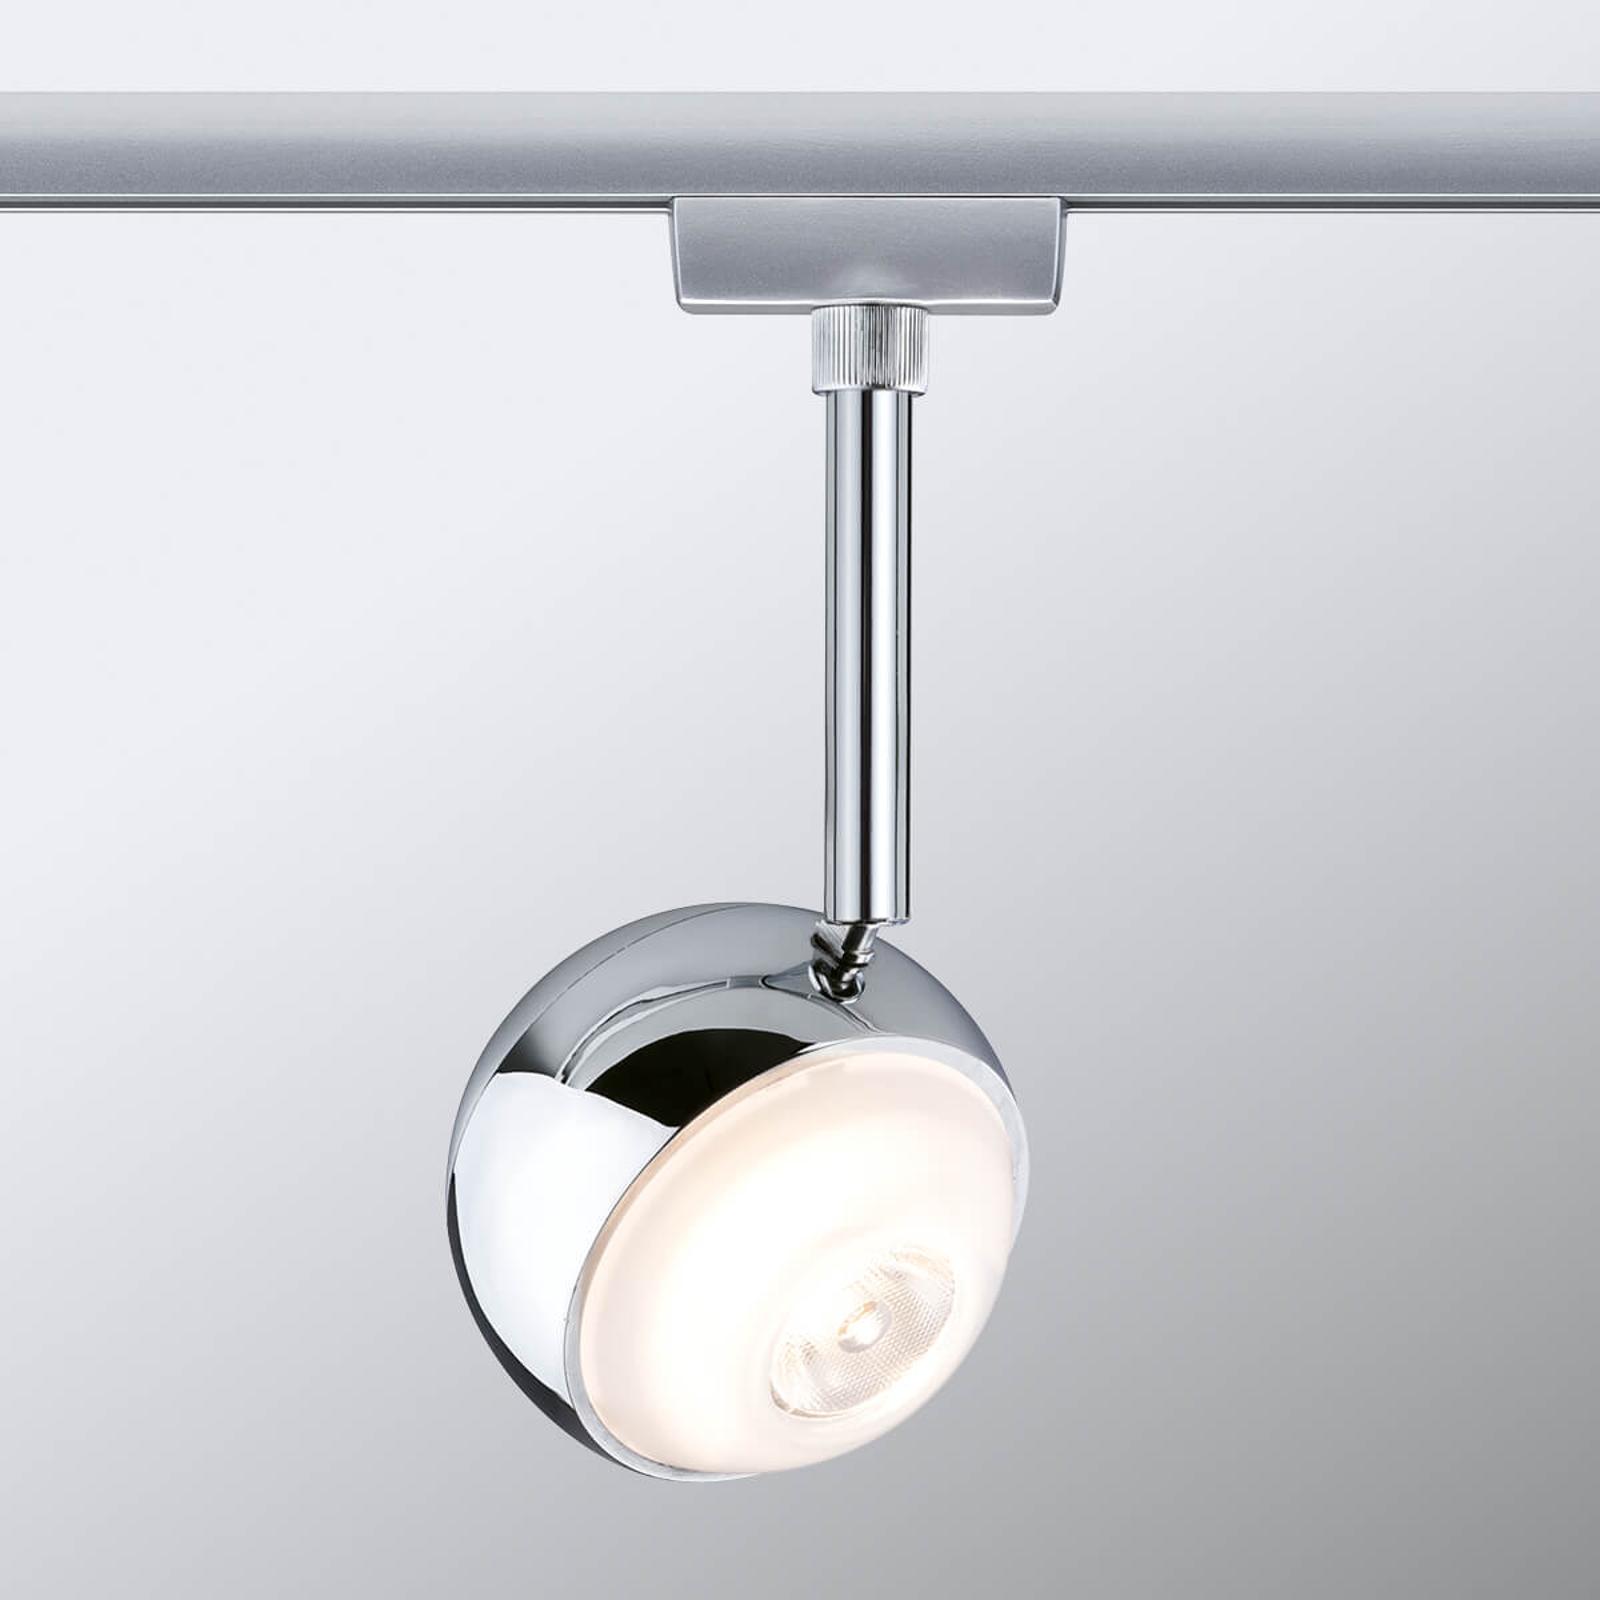 Paulmann URail Capsule II LED-Spot, chrom matt